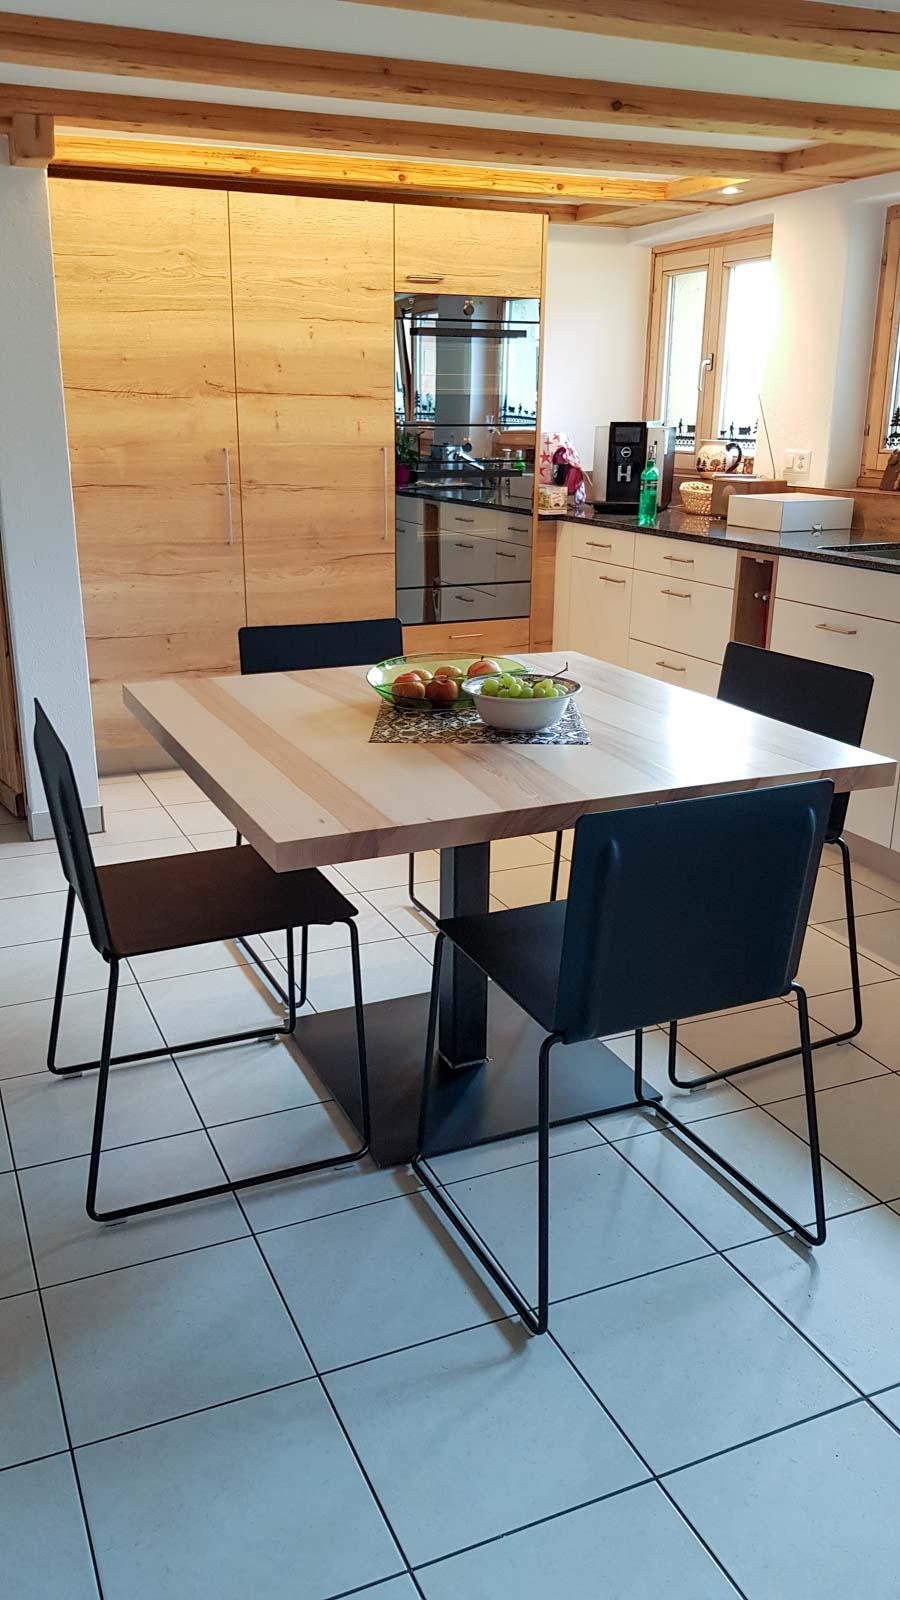 Wooddesign_Tisch_ quadratisch_Esche mit Braunkern_Tischfuss in Mitte_Schwarzstahl (3)